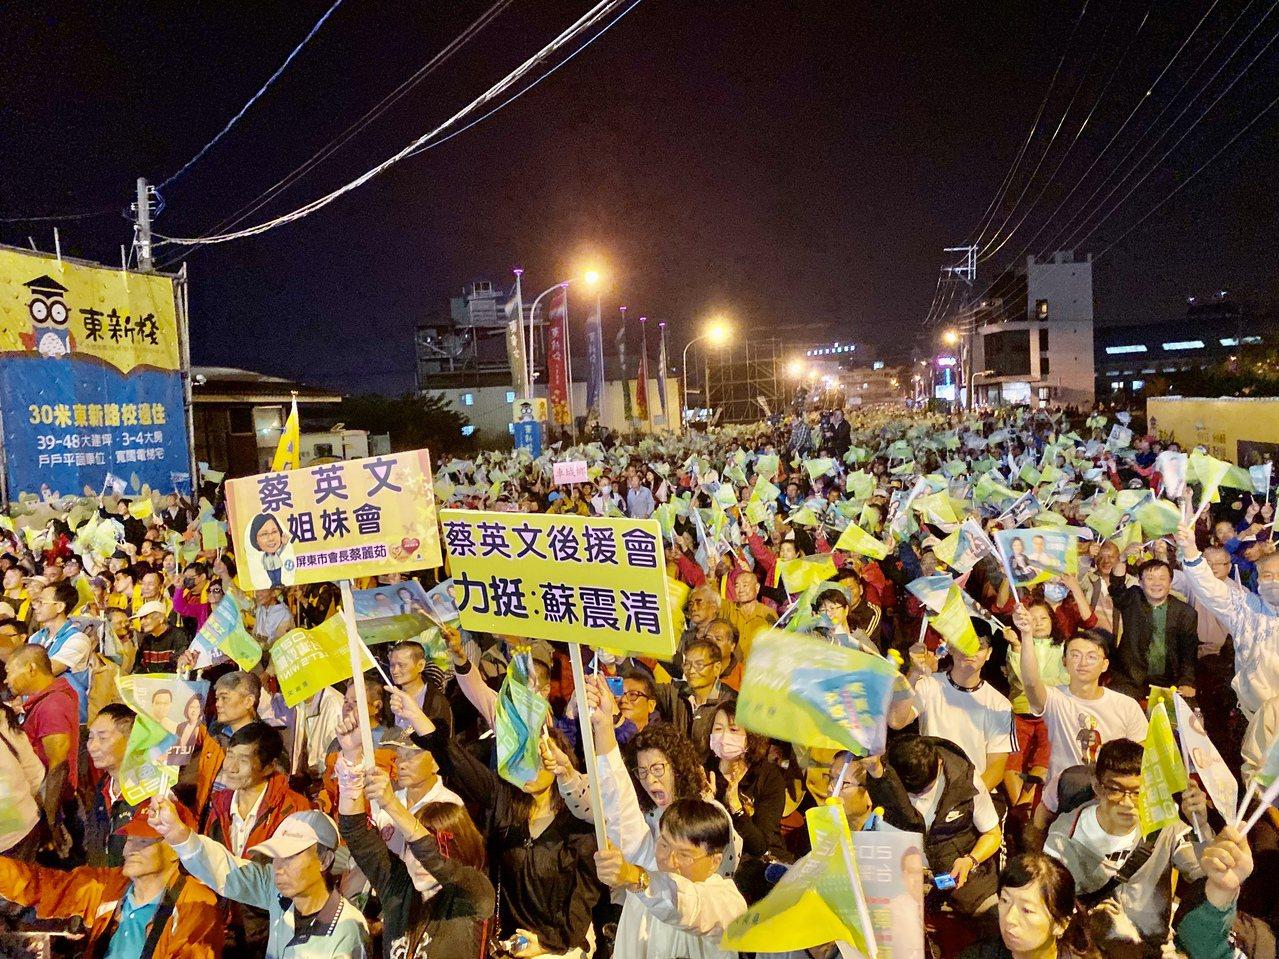 立委蘇震清今晚舉辦「守護南台灣之夜」,號稱有3萬人相挺。記者江國豪/攝影